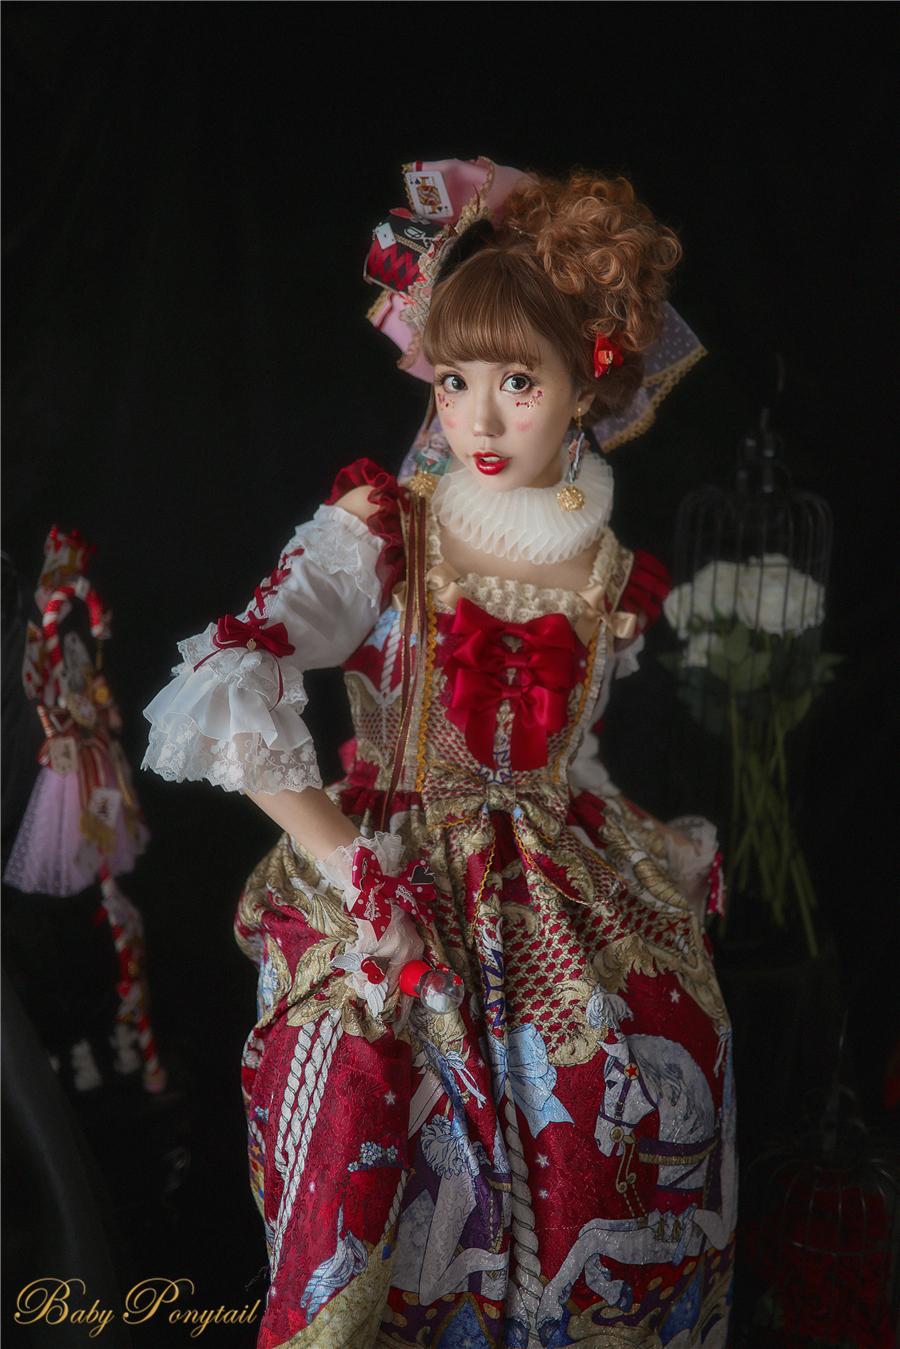 Baby Ponytail_Circus Princess_Red JSK_Kaka_12.jpg